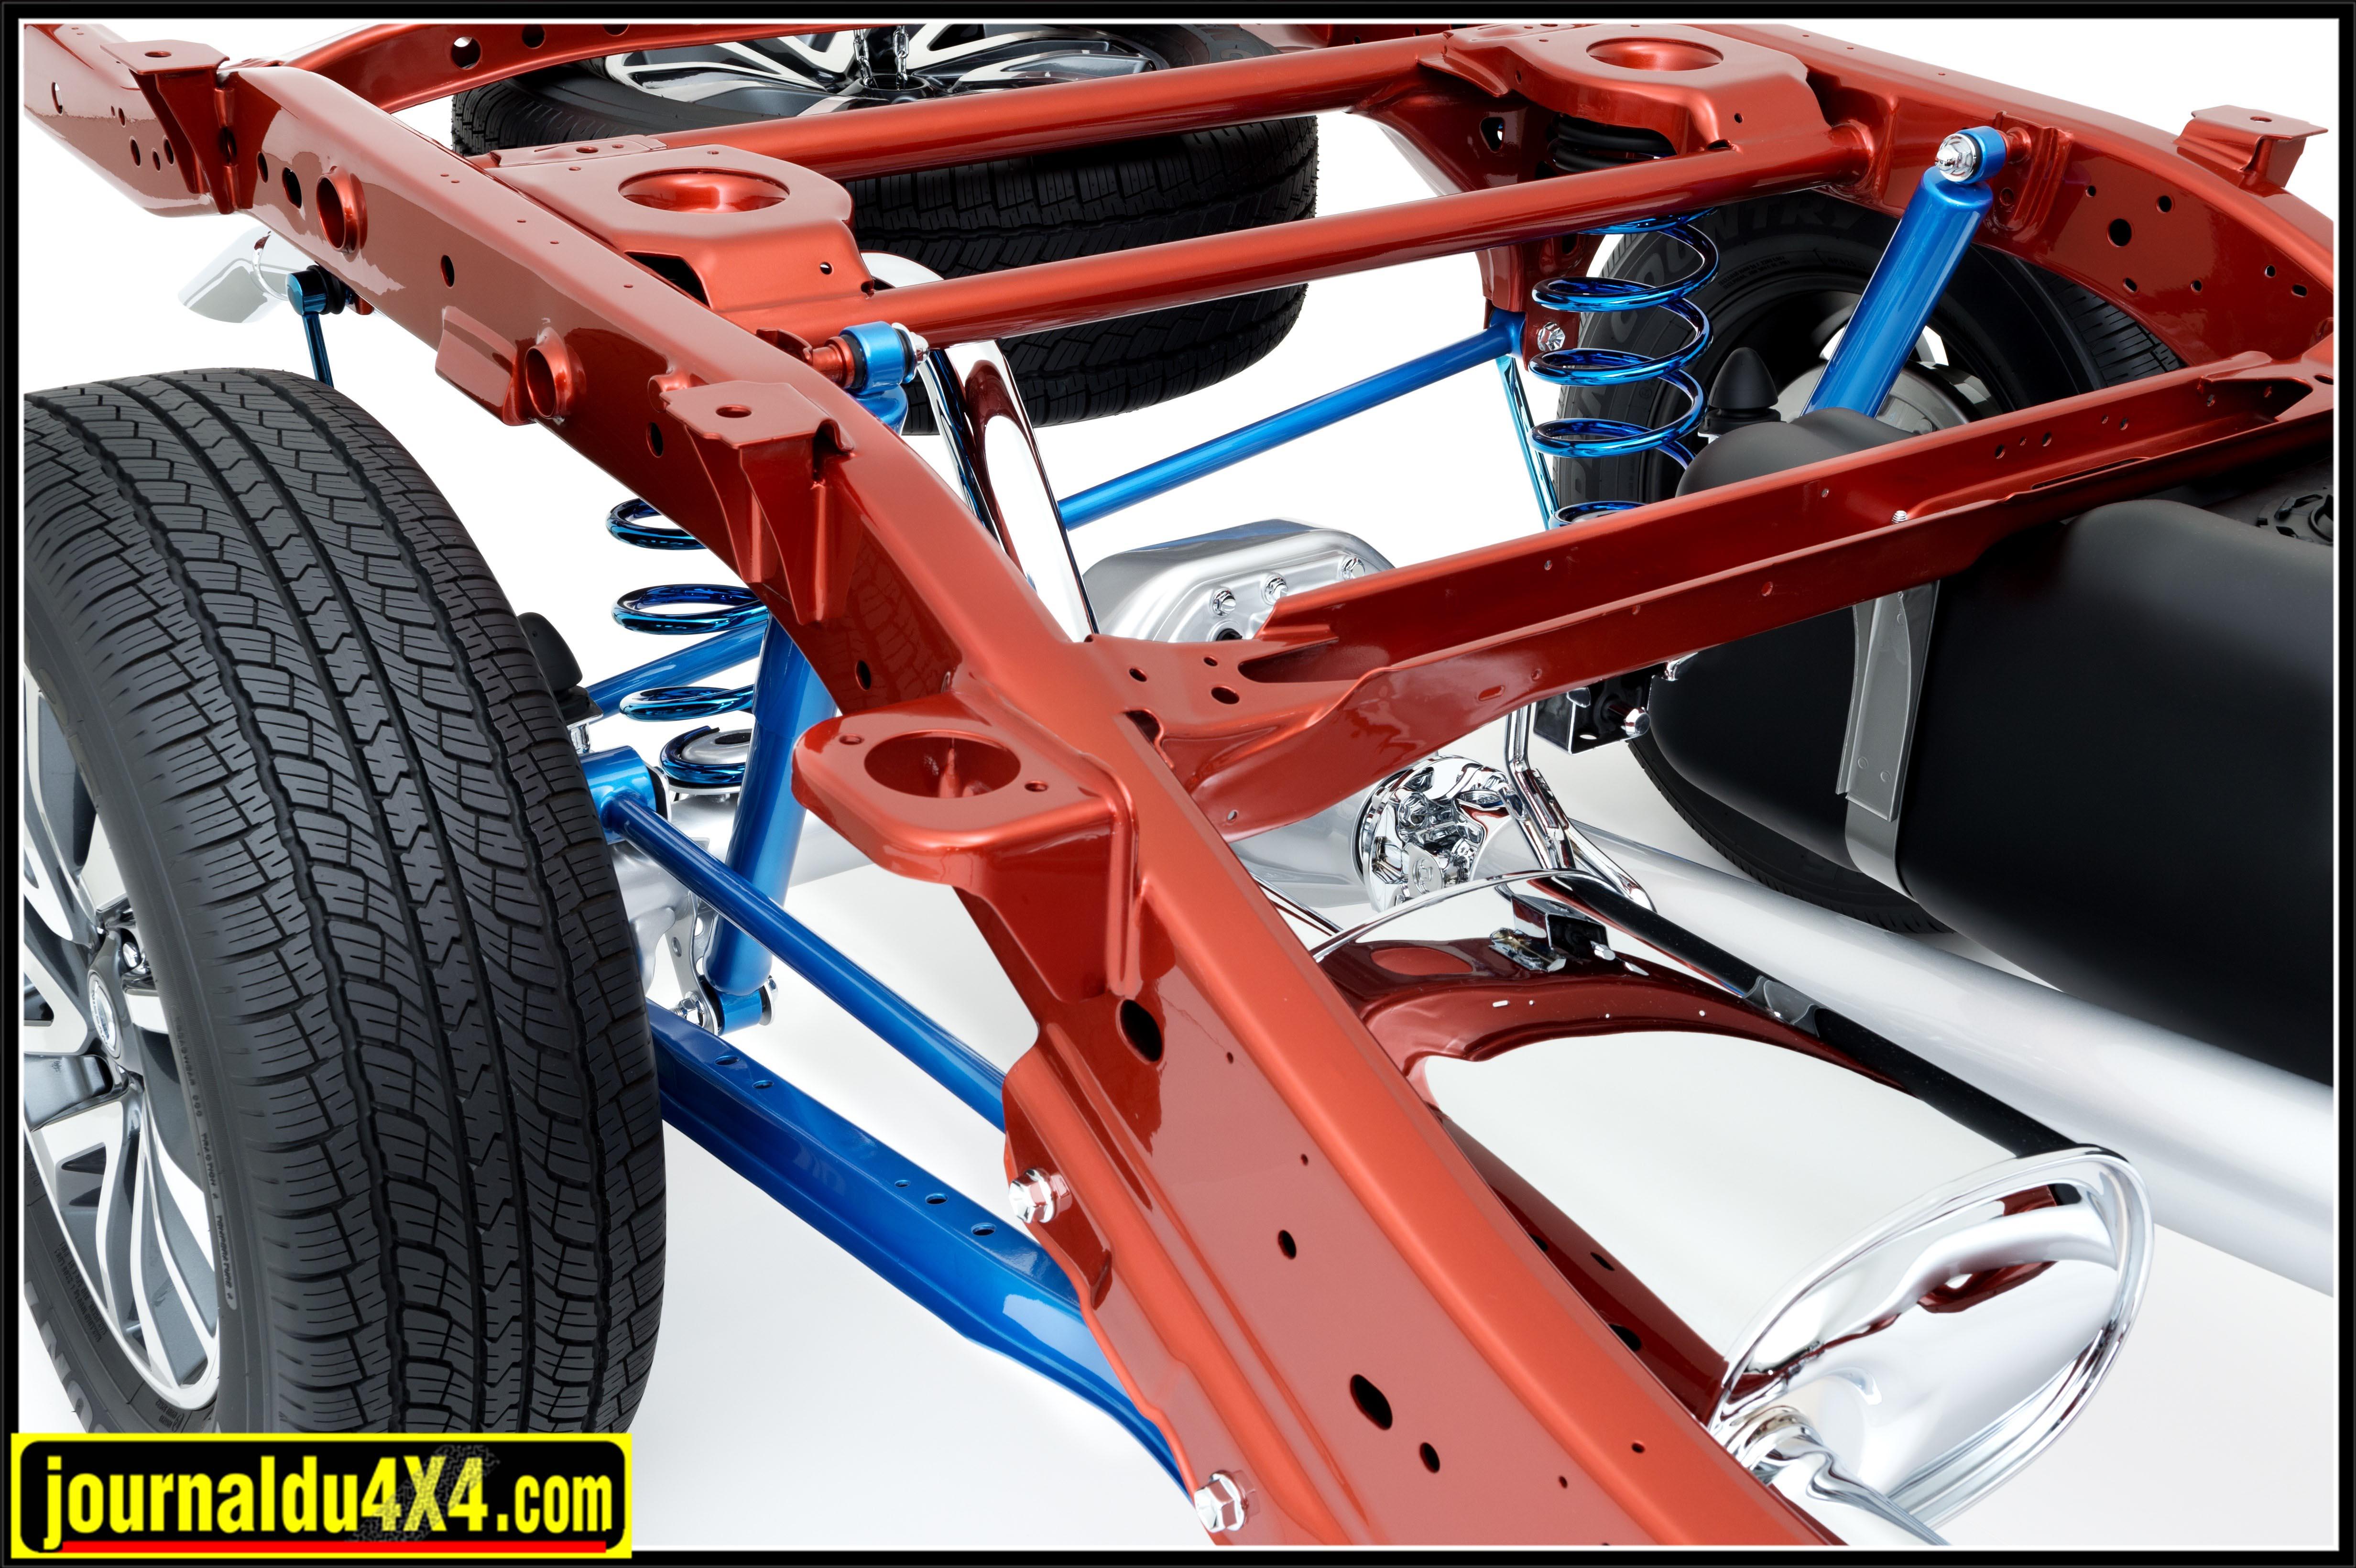 Une vue de la suspension arrière du Nissan Navara avec les tirants, la barre panhard et les ressorts hélicoîdaux